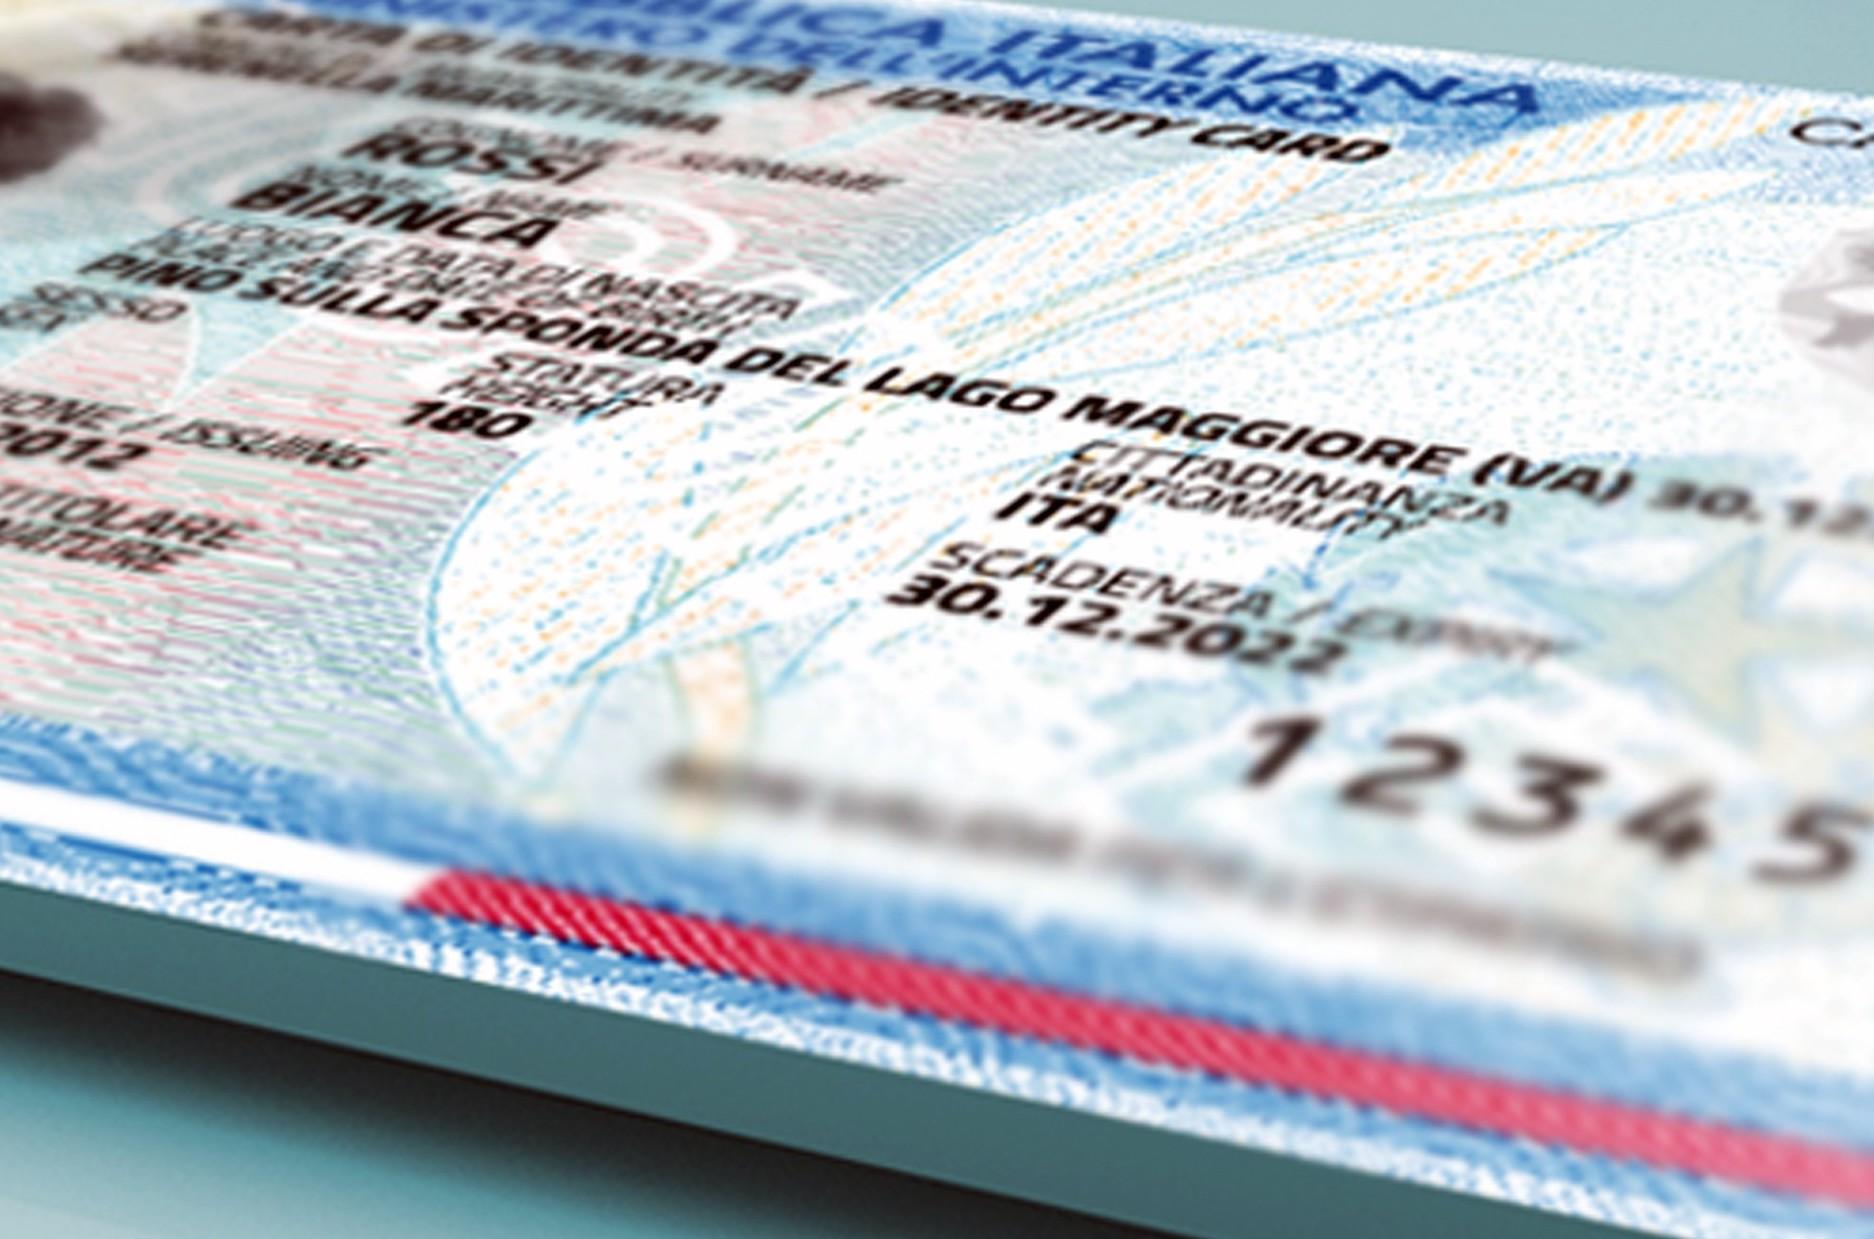 Carta identità tempi lunghissimi per rin